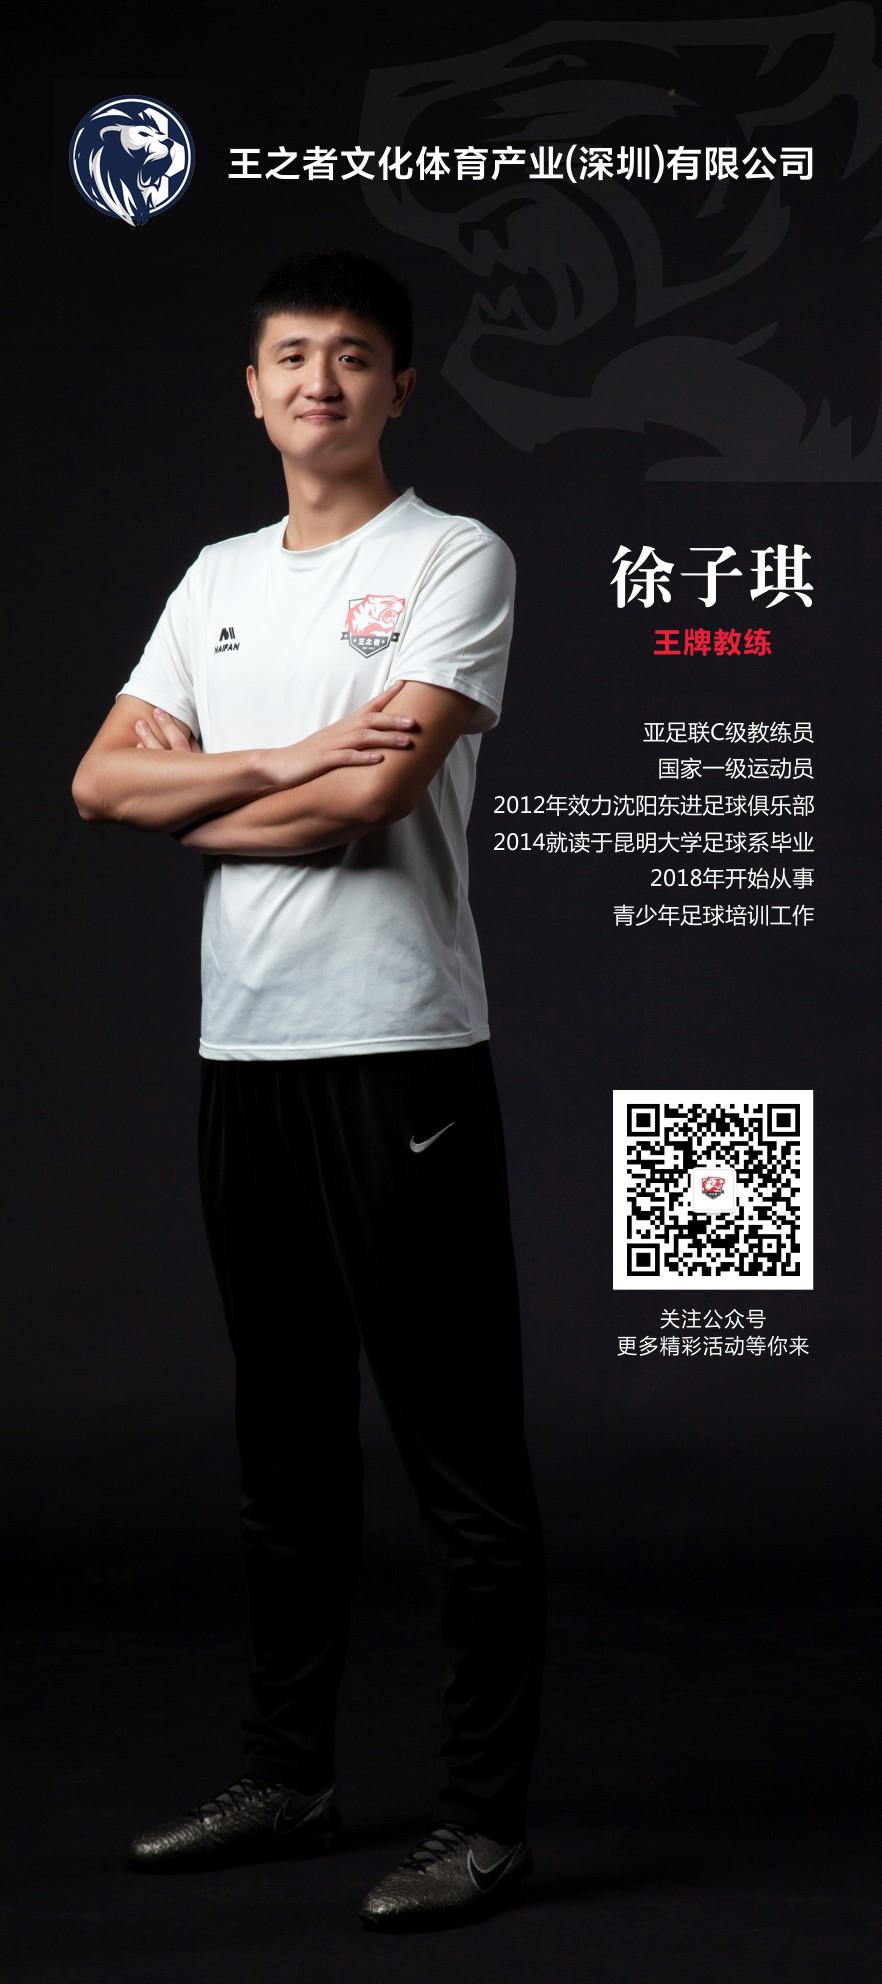 王牌教练:徐子琪